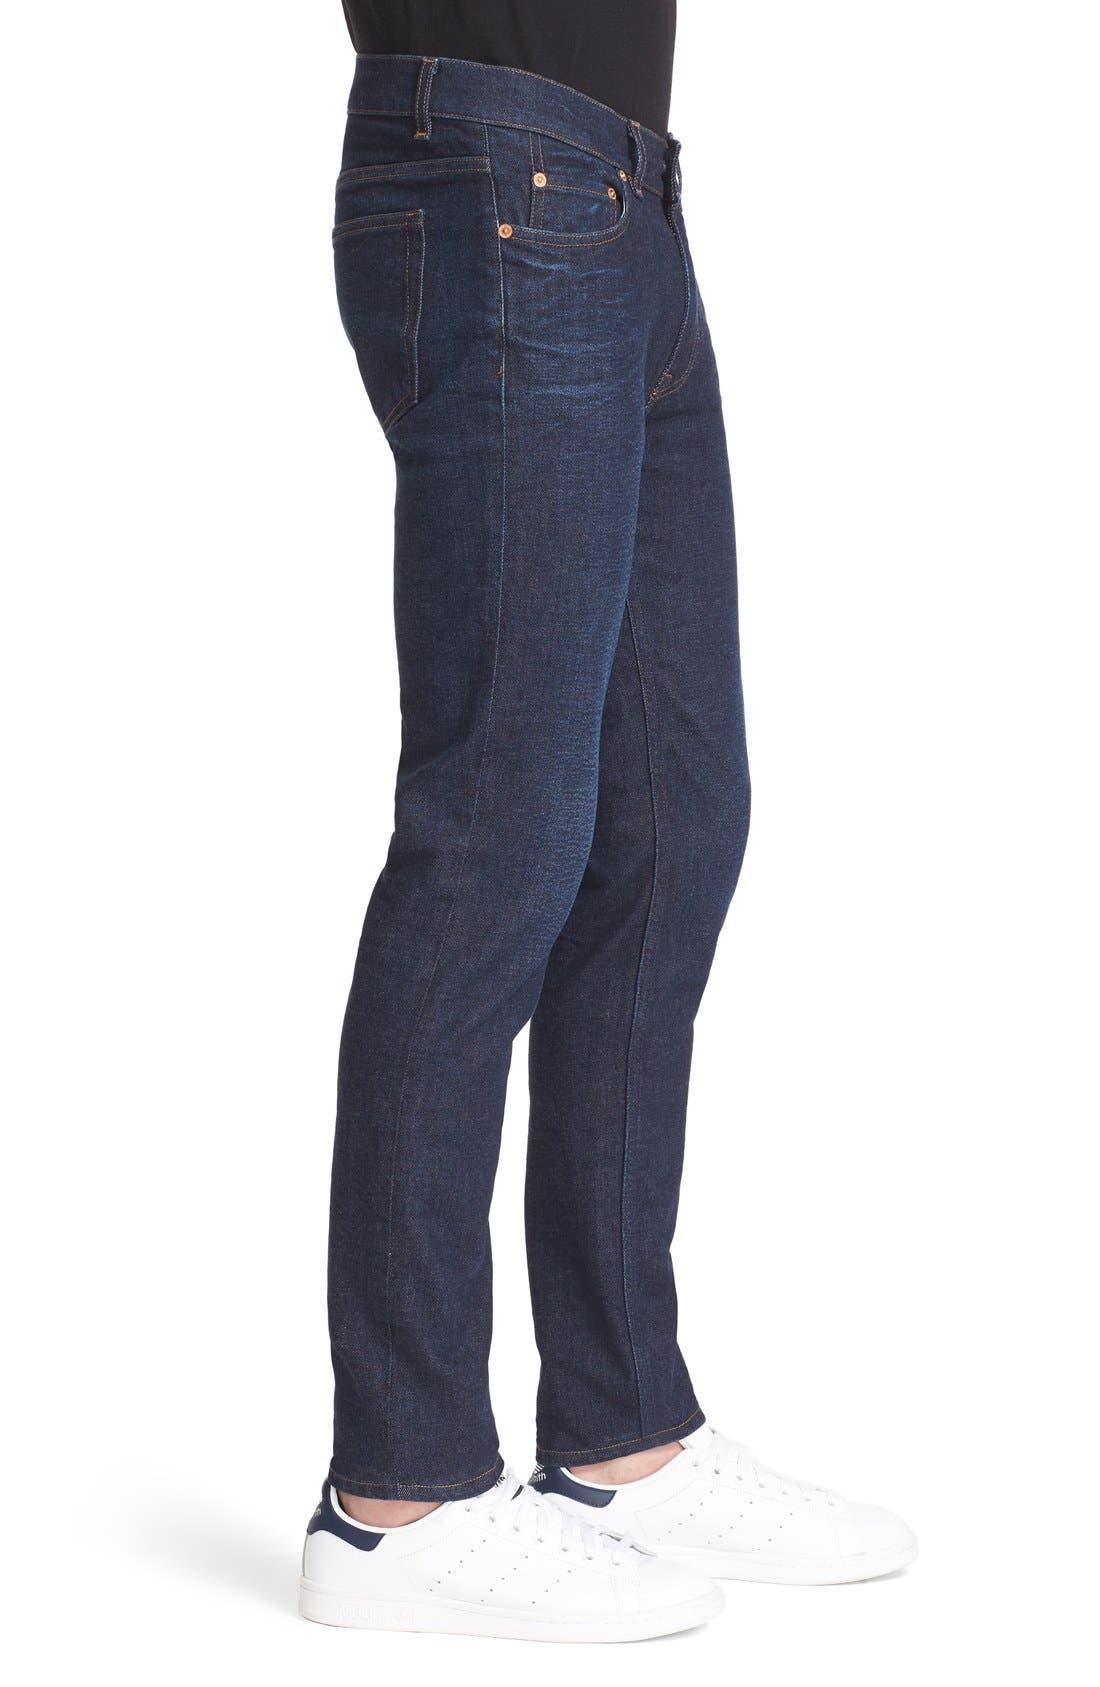 Ace Slim Fit Jeans,                             Alternate thumbnail 4, color,                             400